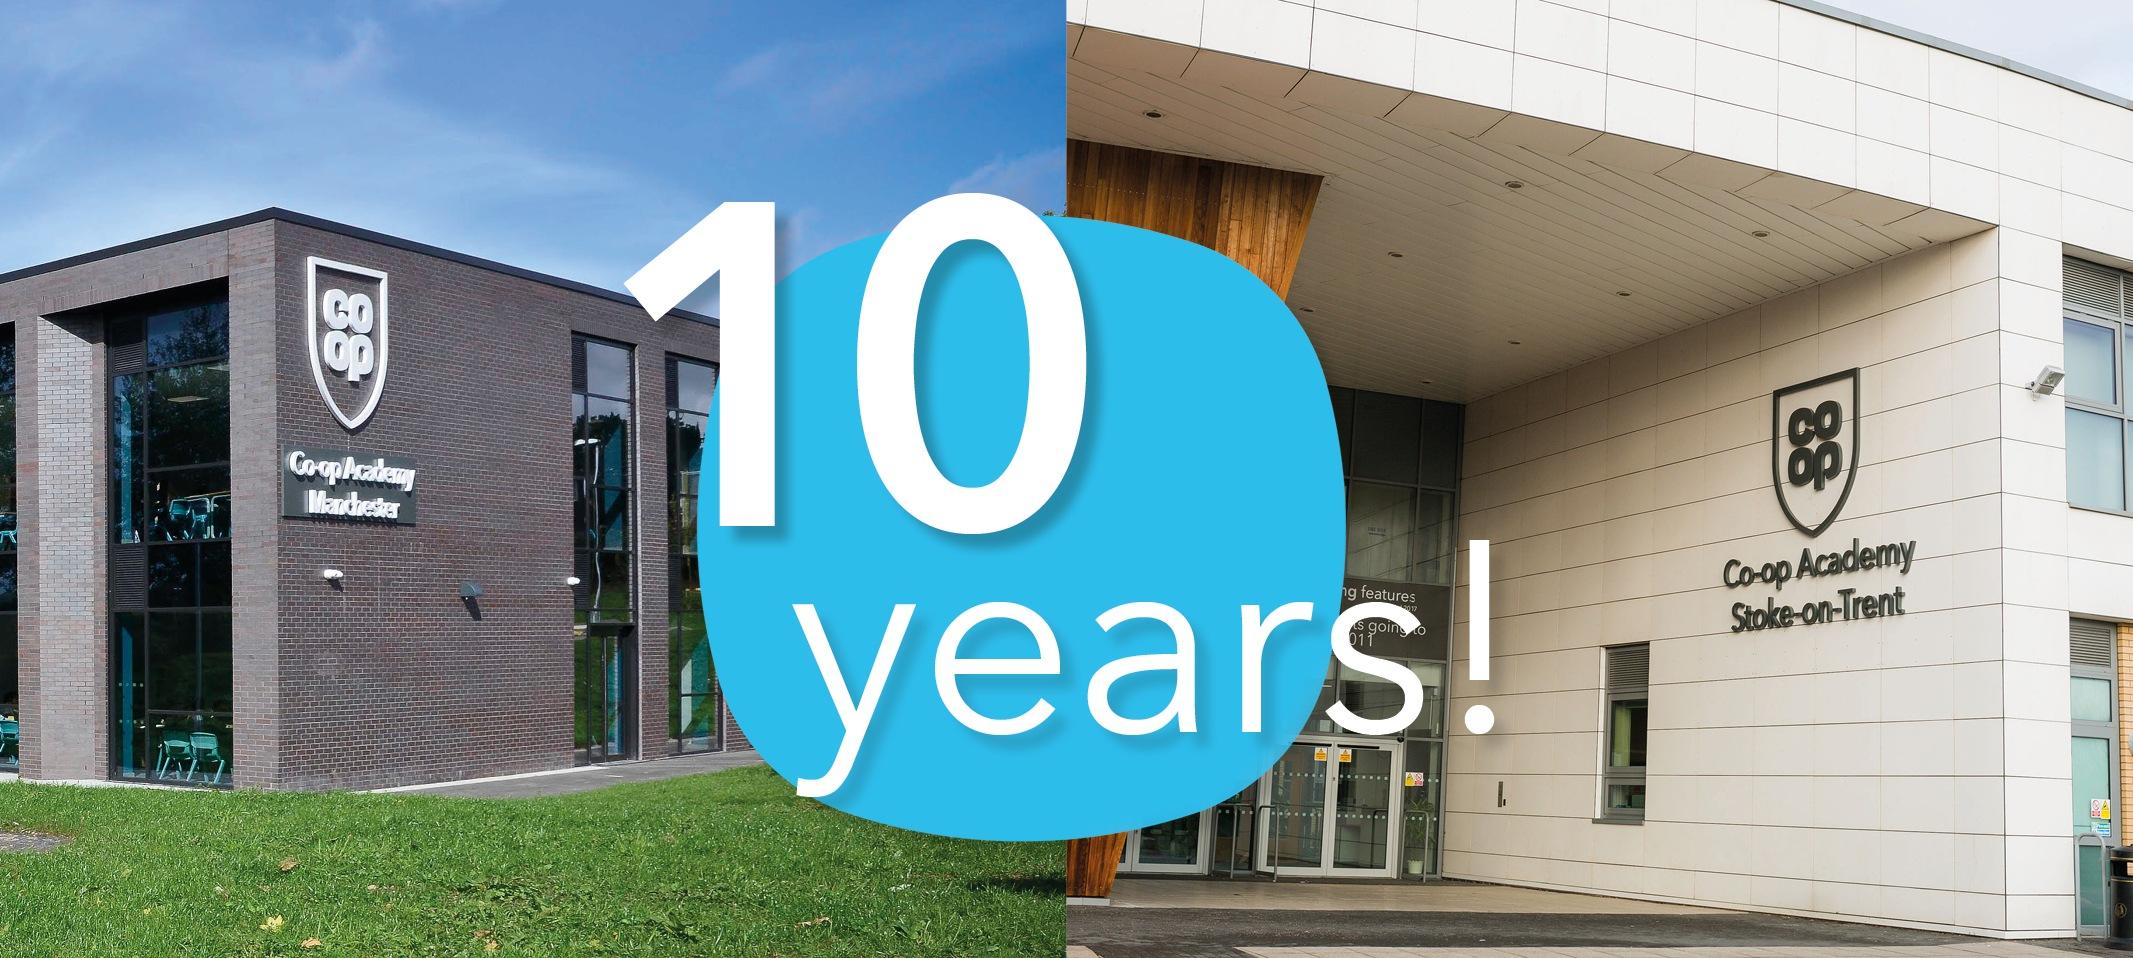 10 Years of Co-op Academies